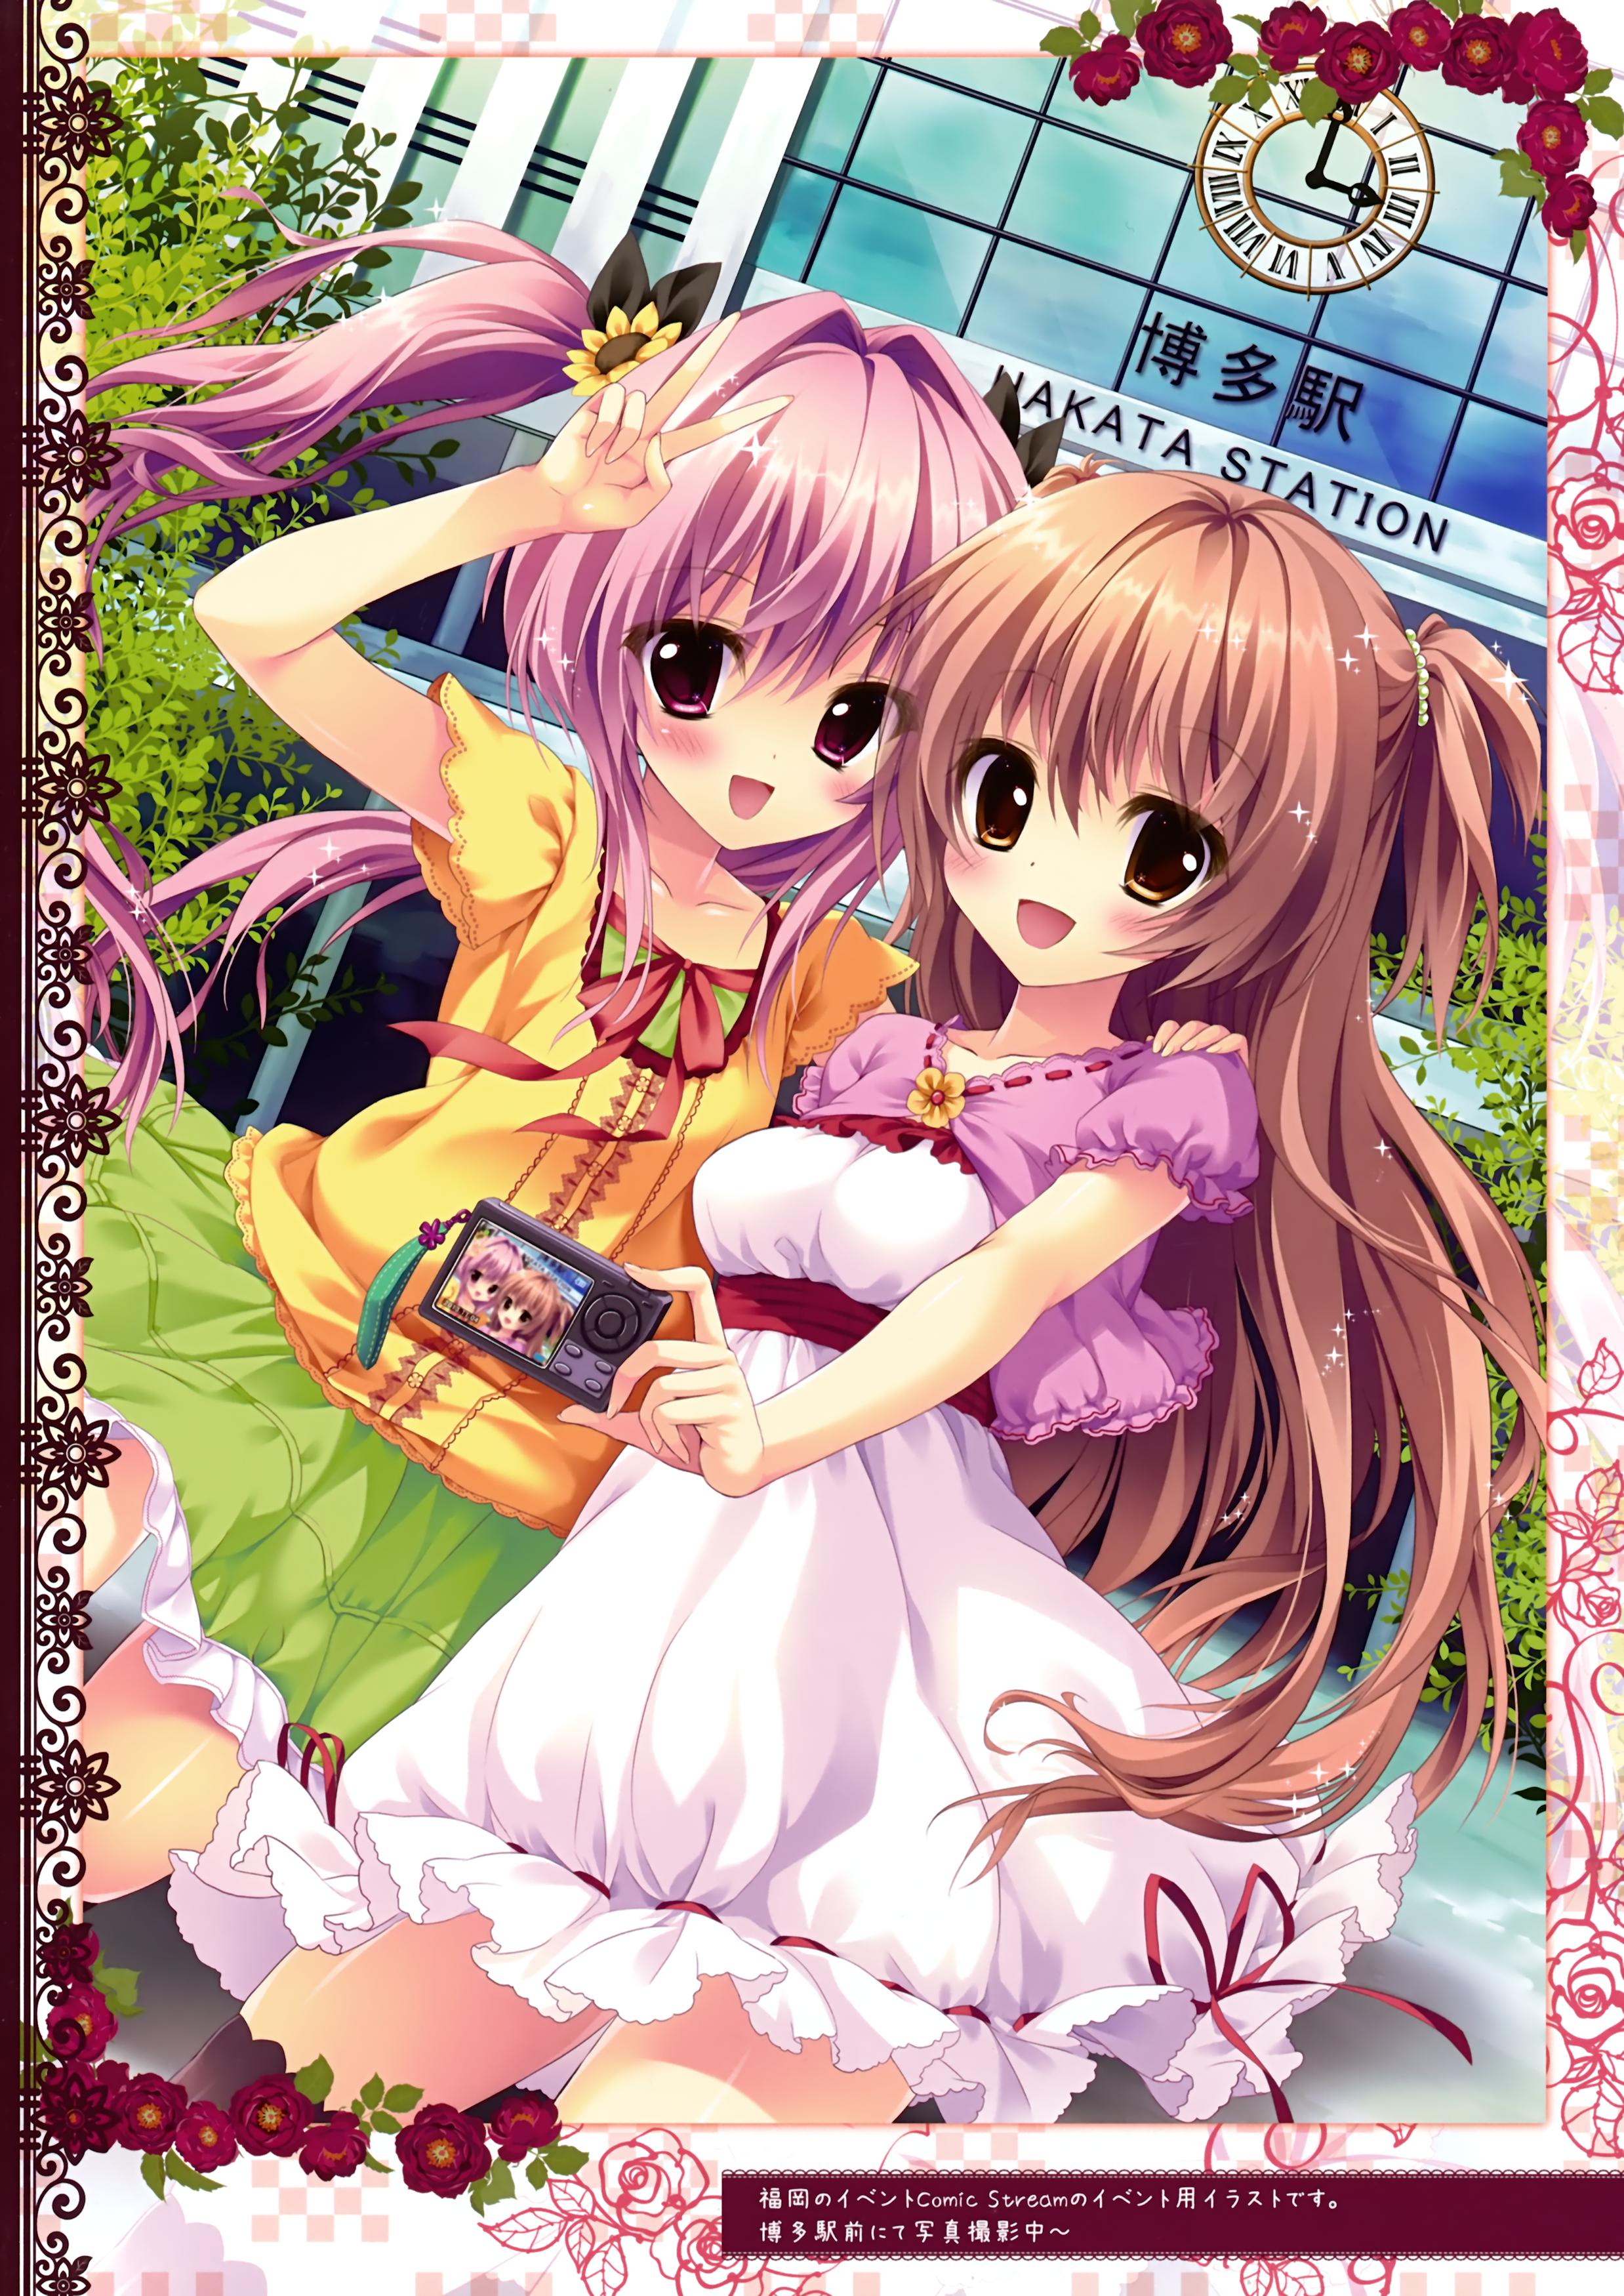 Anime picture prismatic world (artbook) shiramori yuse